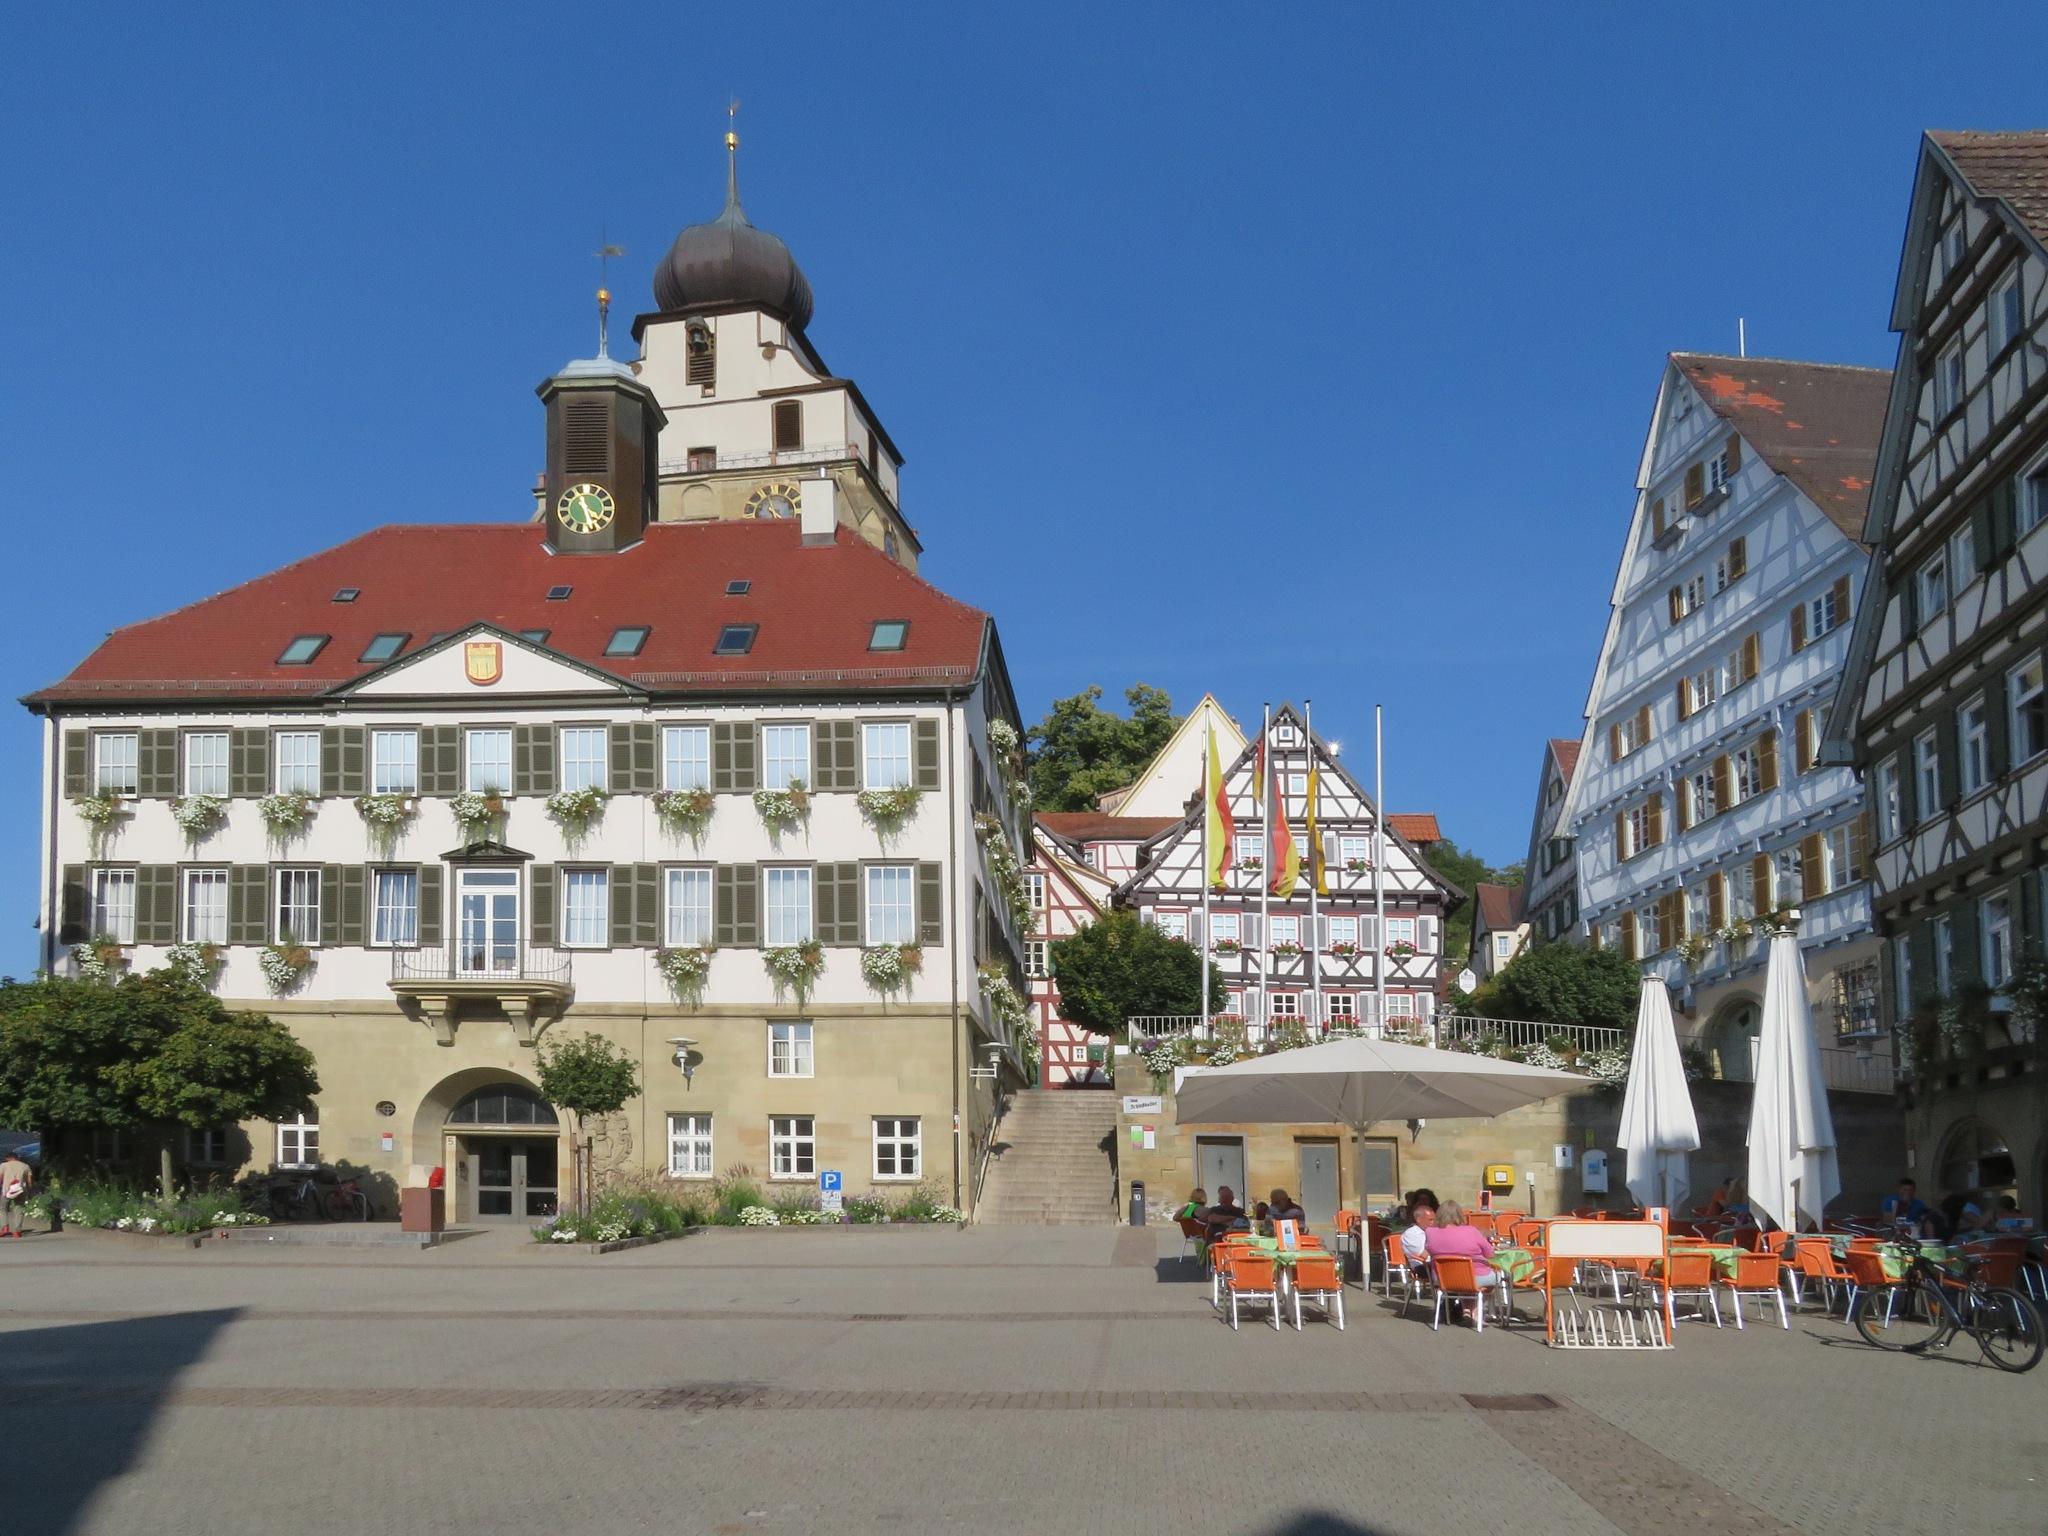 Rottenburg am Neckar by Rolf-Dieter Balindt